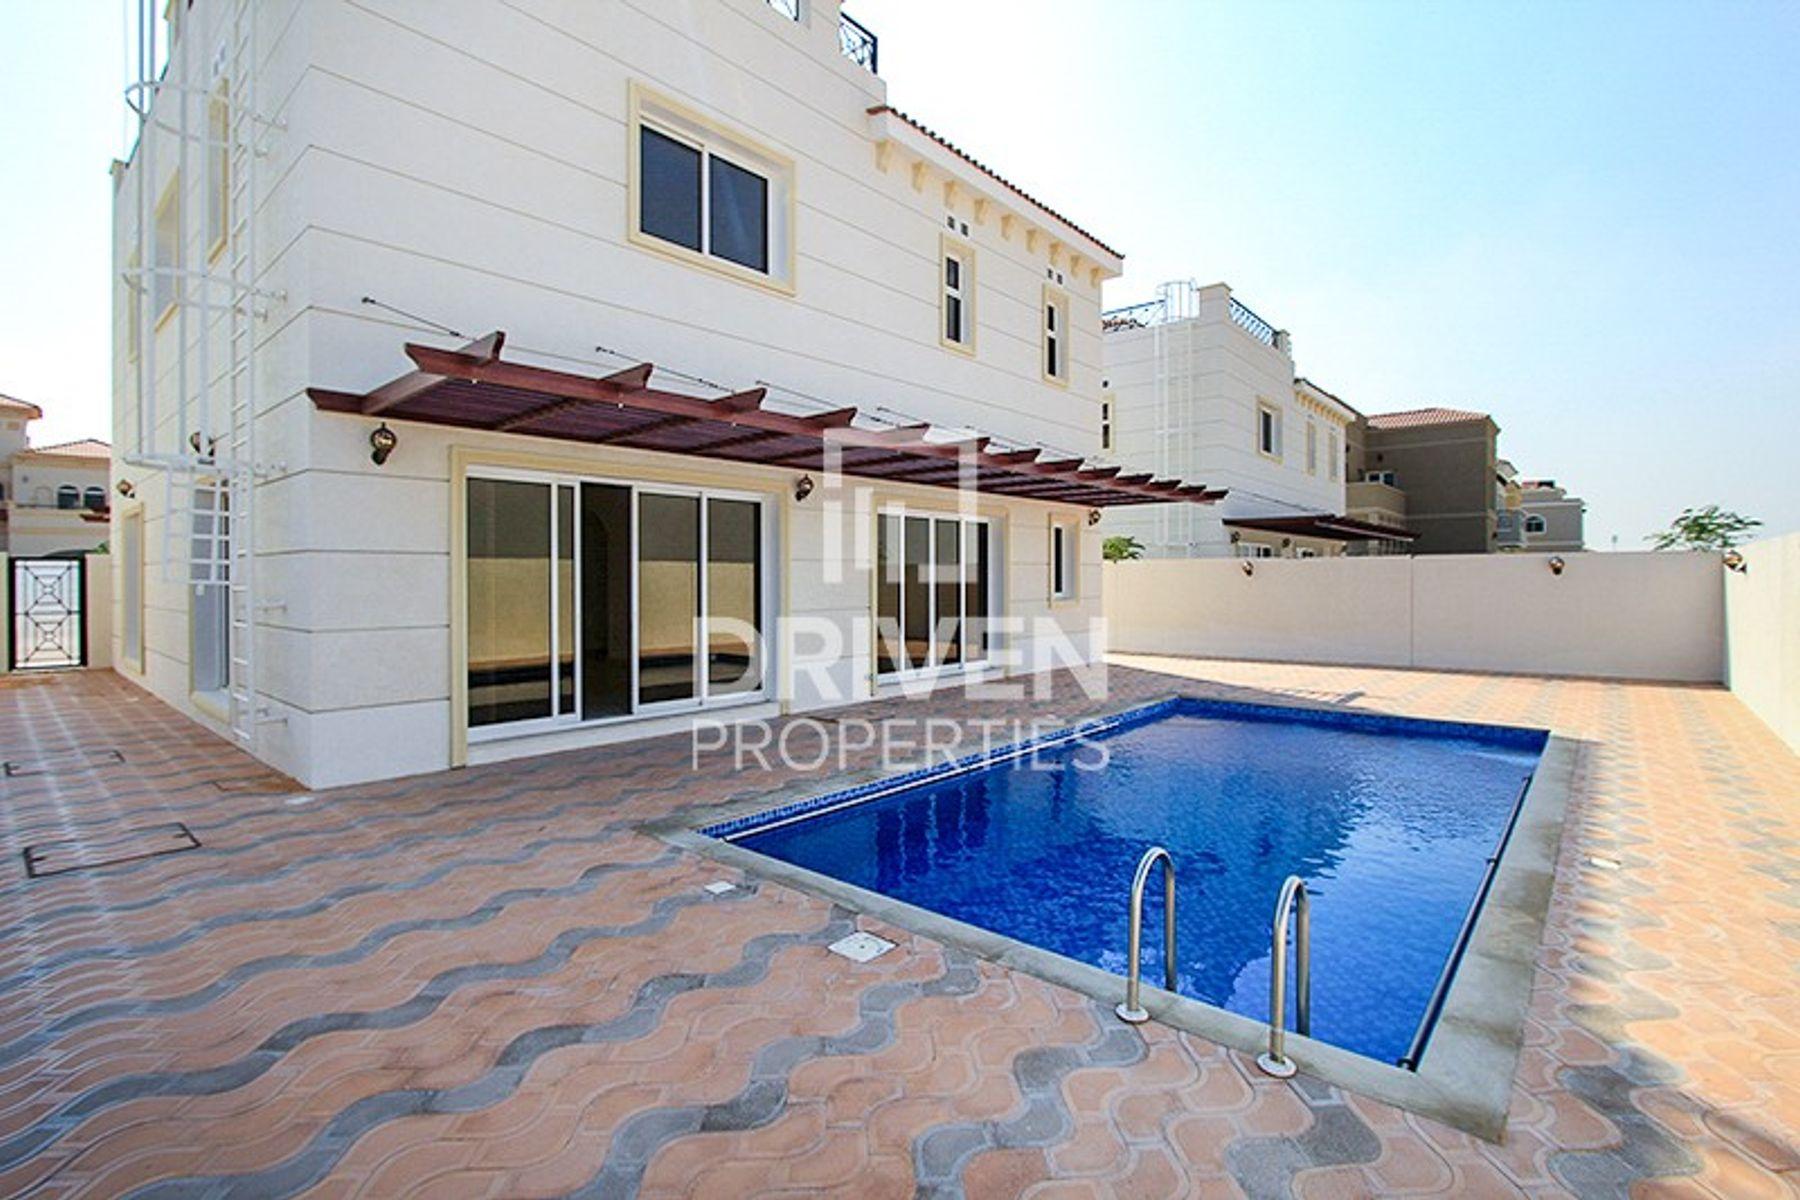 Villa for Sale in The Centro, The Villa